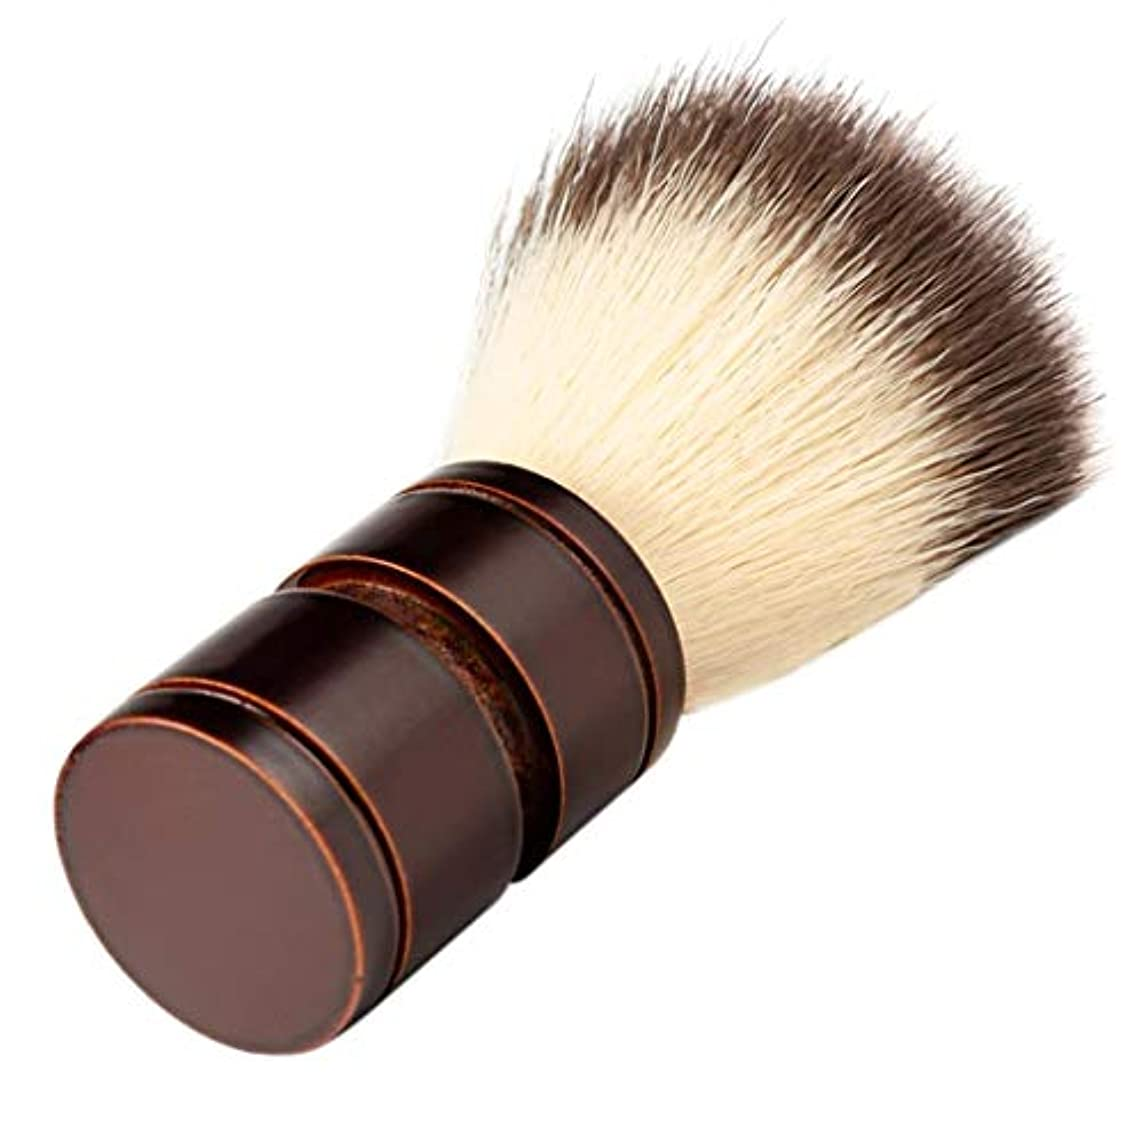 隙間経験的出身地ひげブラシ シェービングブラシ ひげ剃り 柔らかい 髭剃り 泡立ち 理容 美容ツール